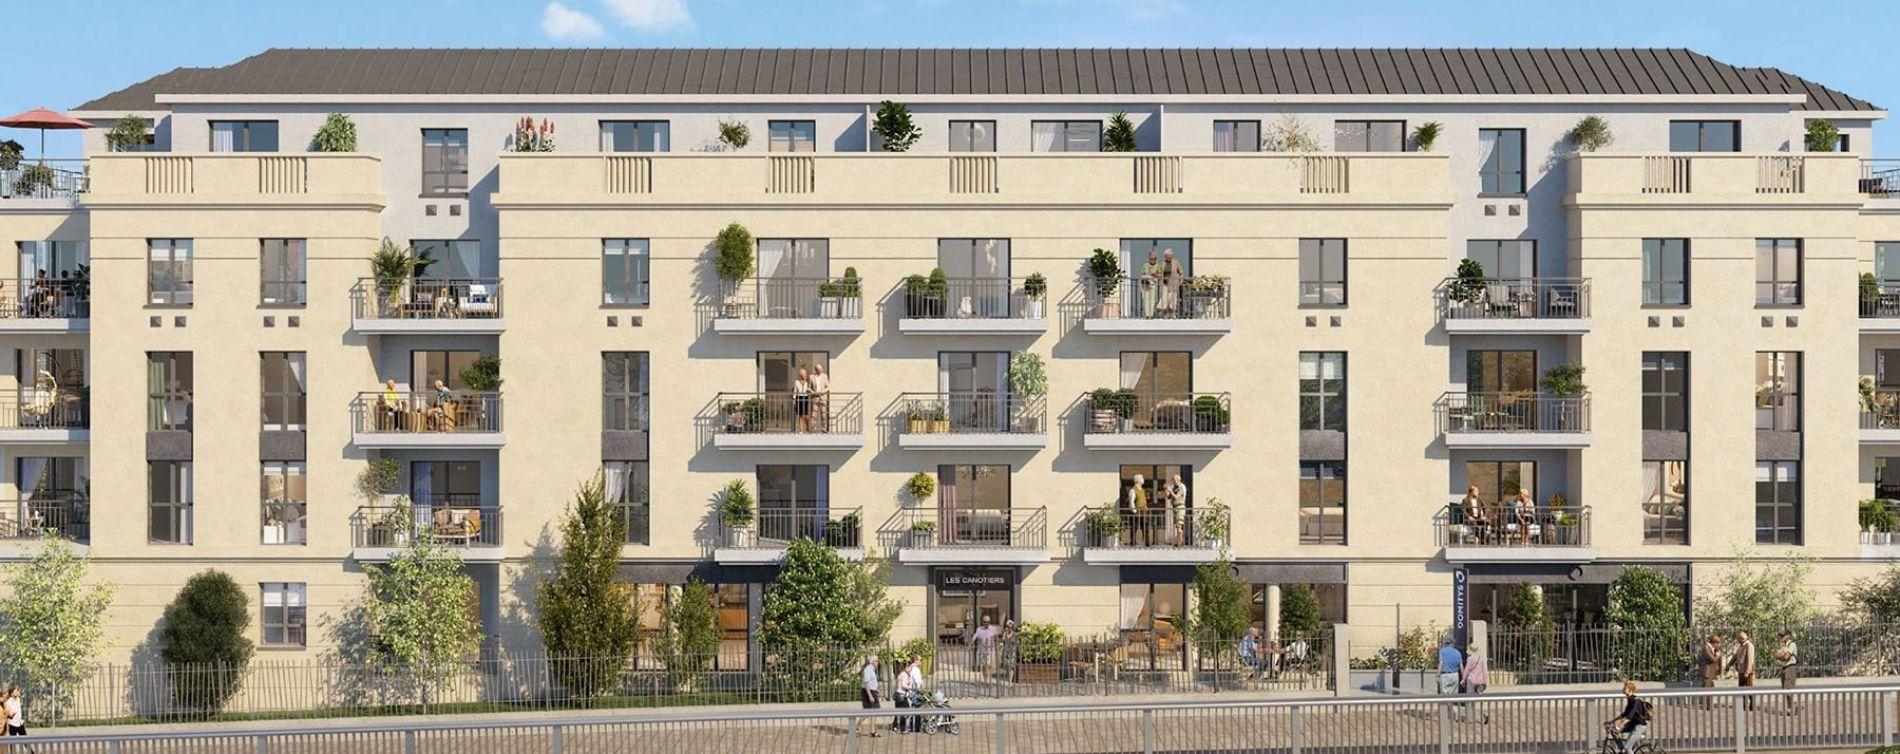 Argenteuil : programme immobilier neuve « Les Canotiers » (3)